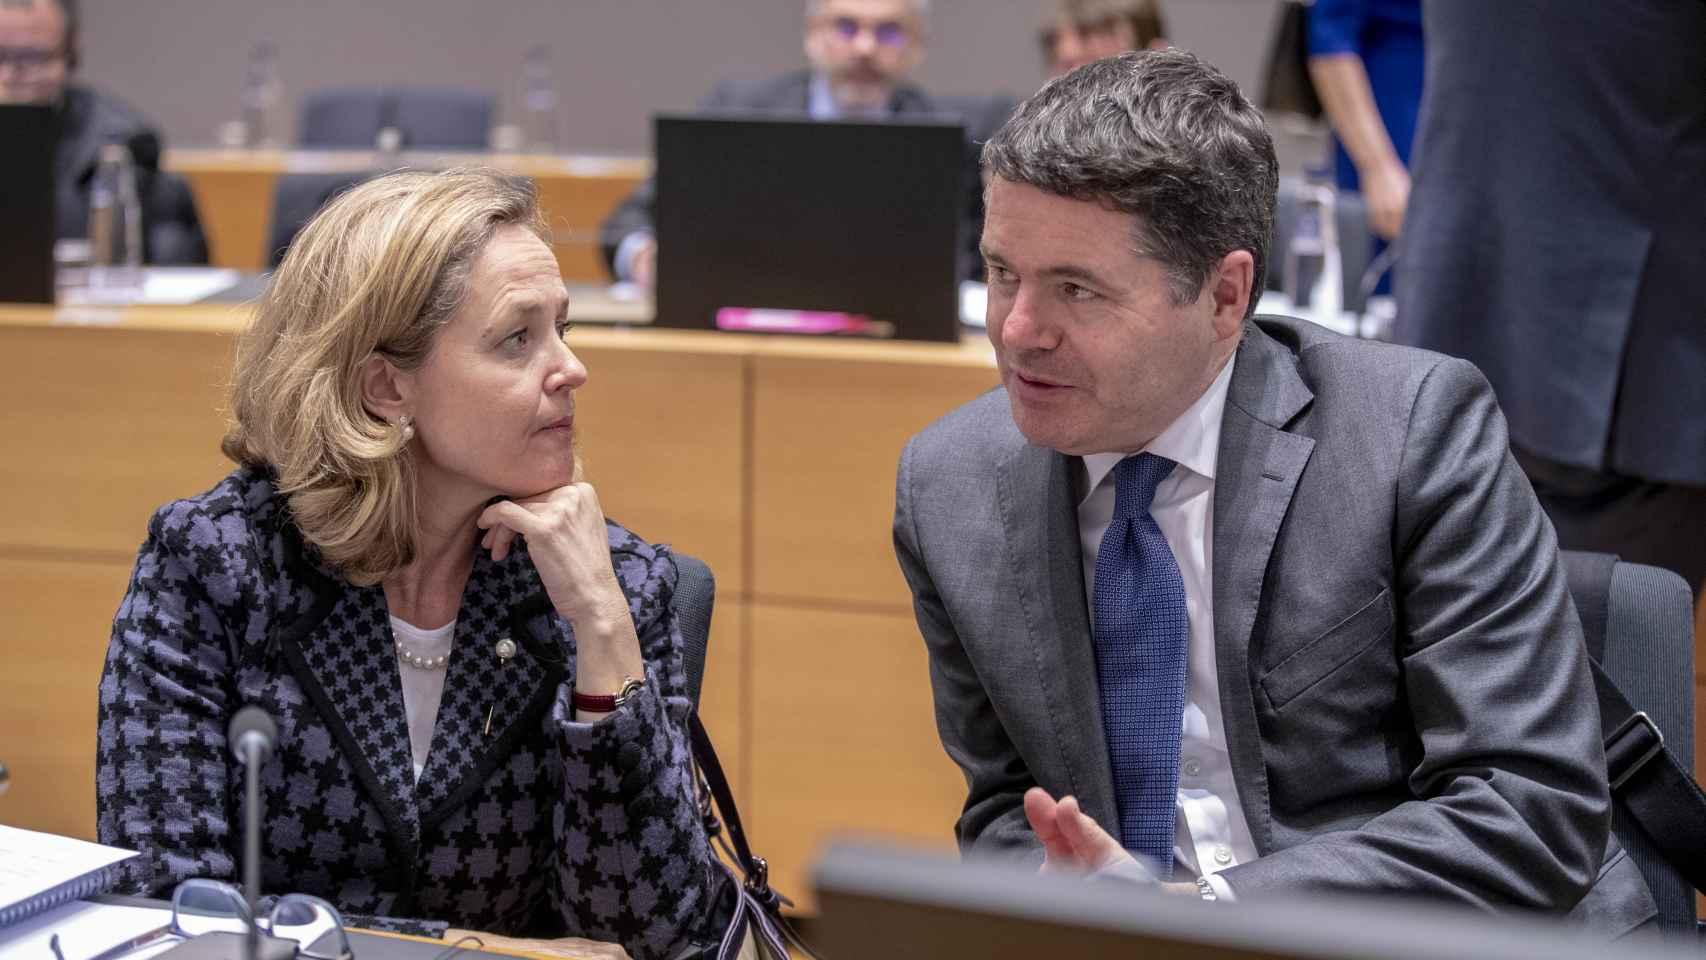 Calviño conversa con el ministro irlandés de Finanzas, Paschal Donohoe, durante un Eurogrupo